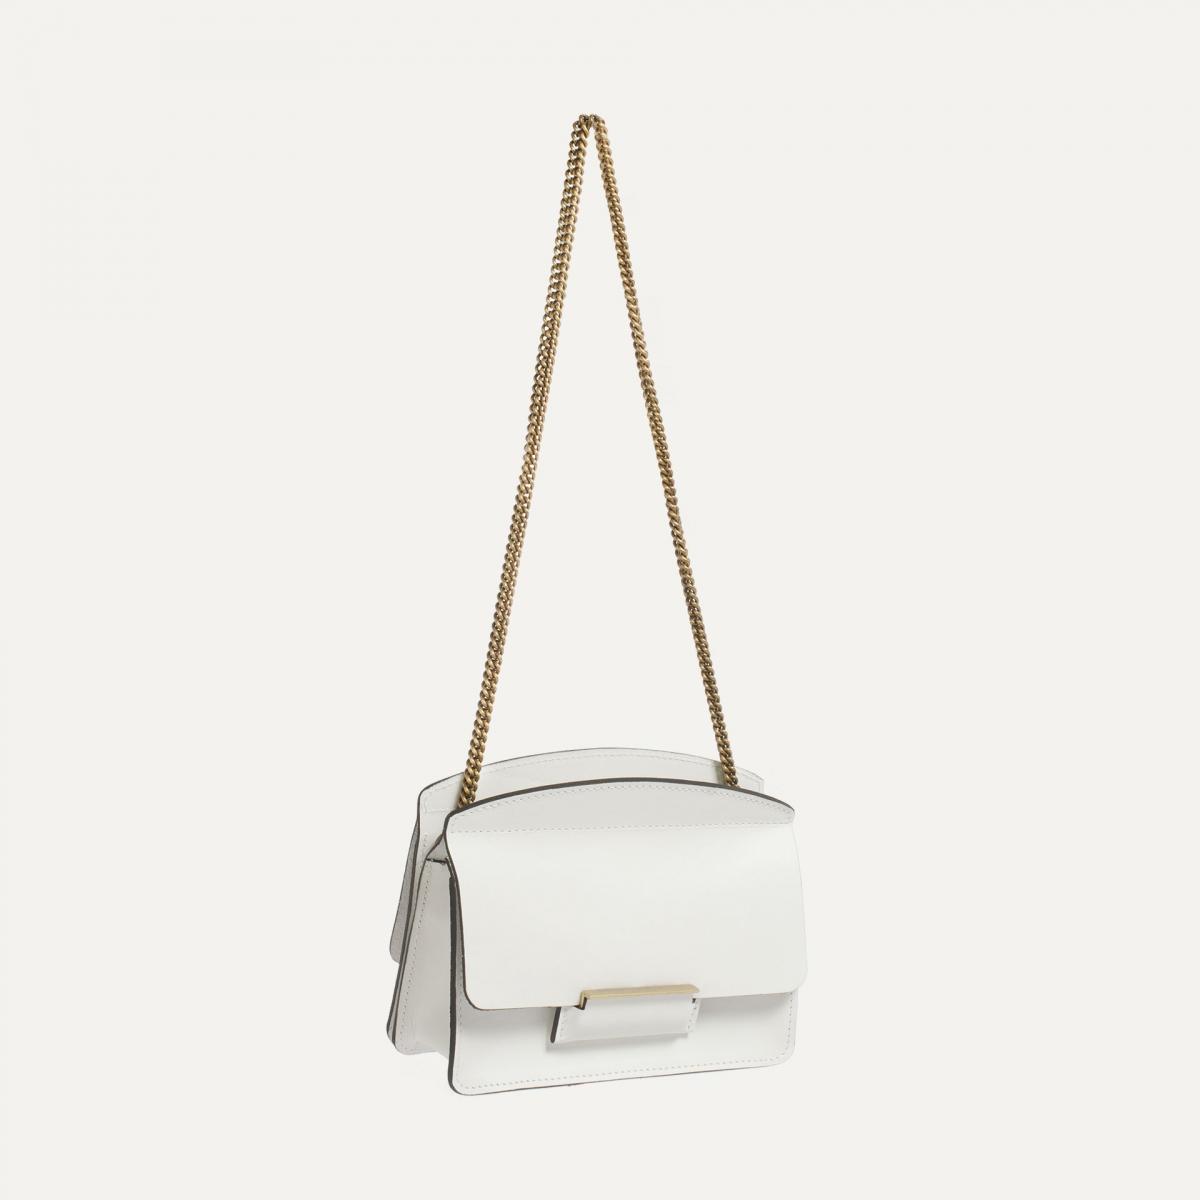 Origami XS clutch bag - White (image n°2)